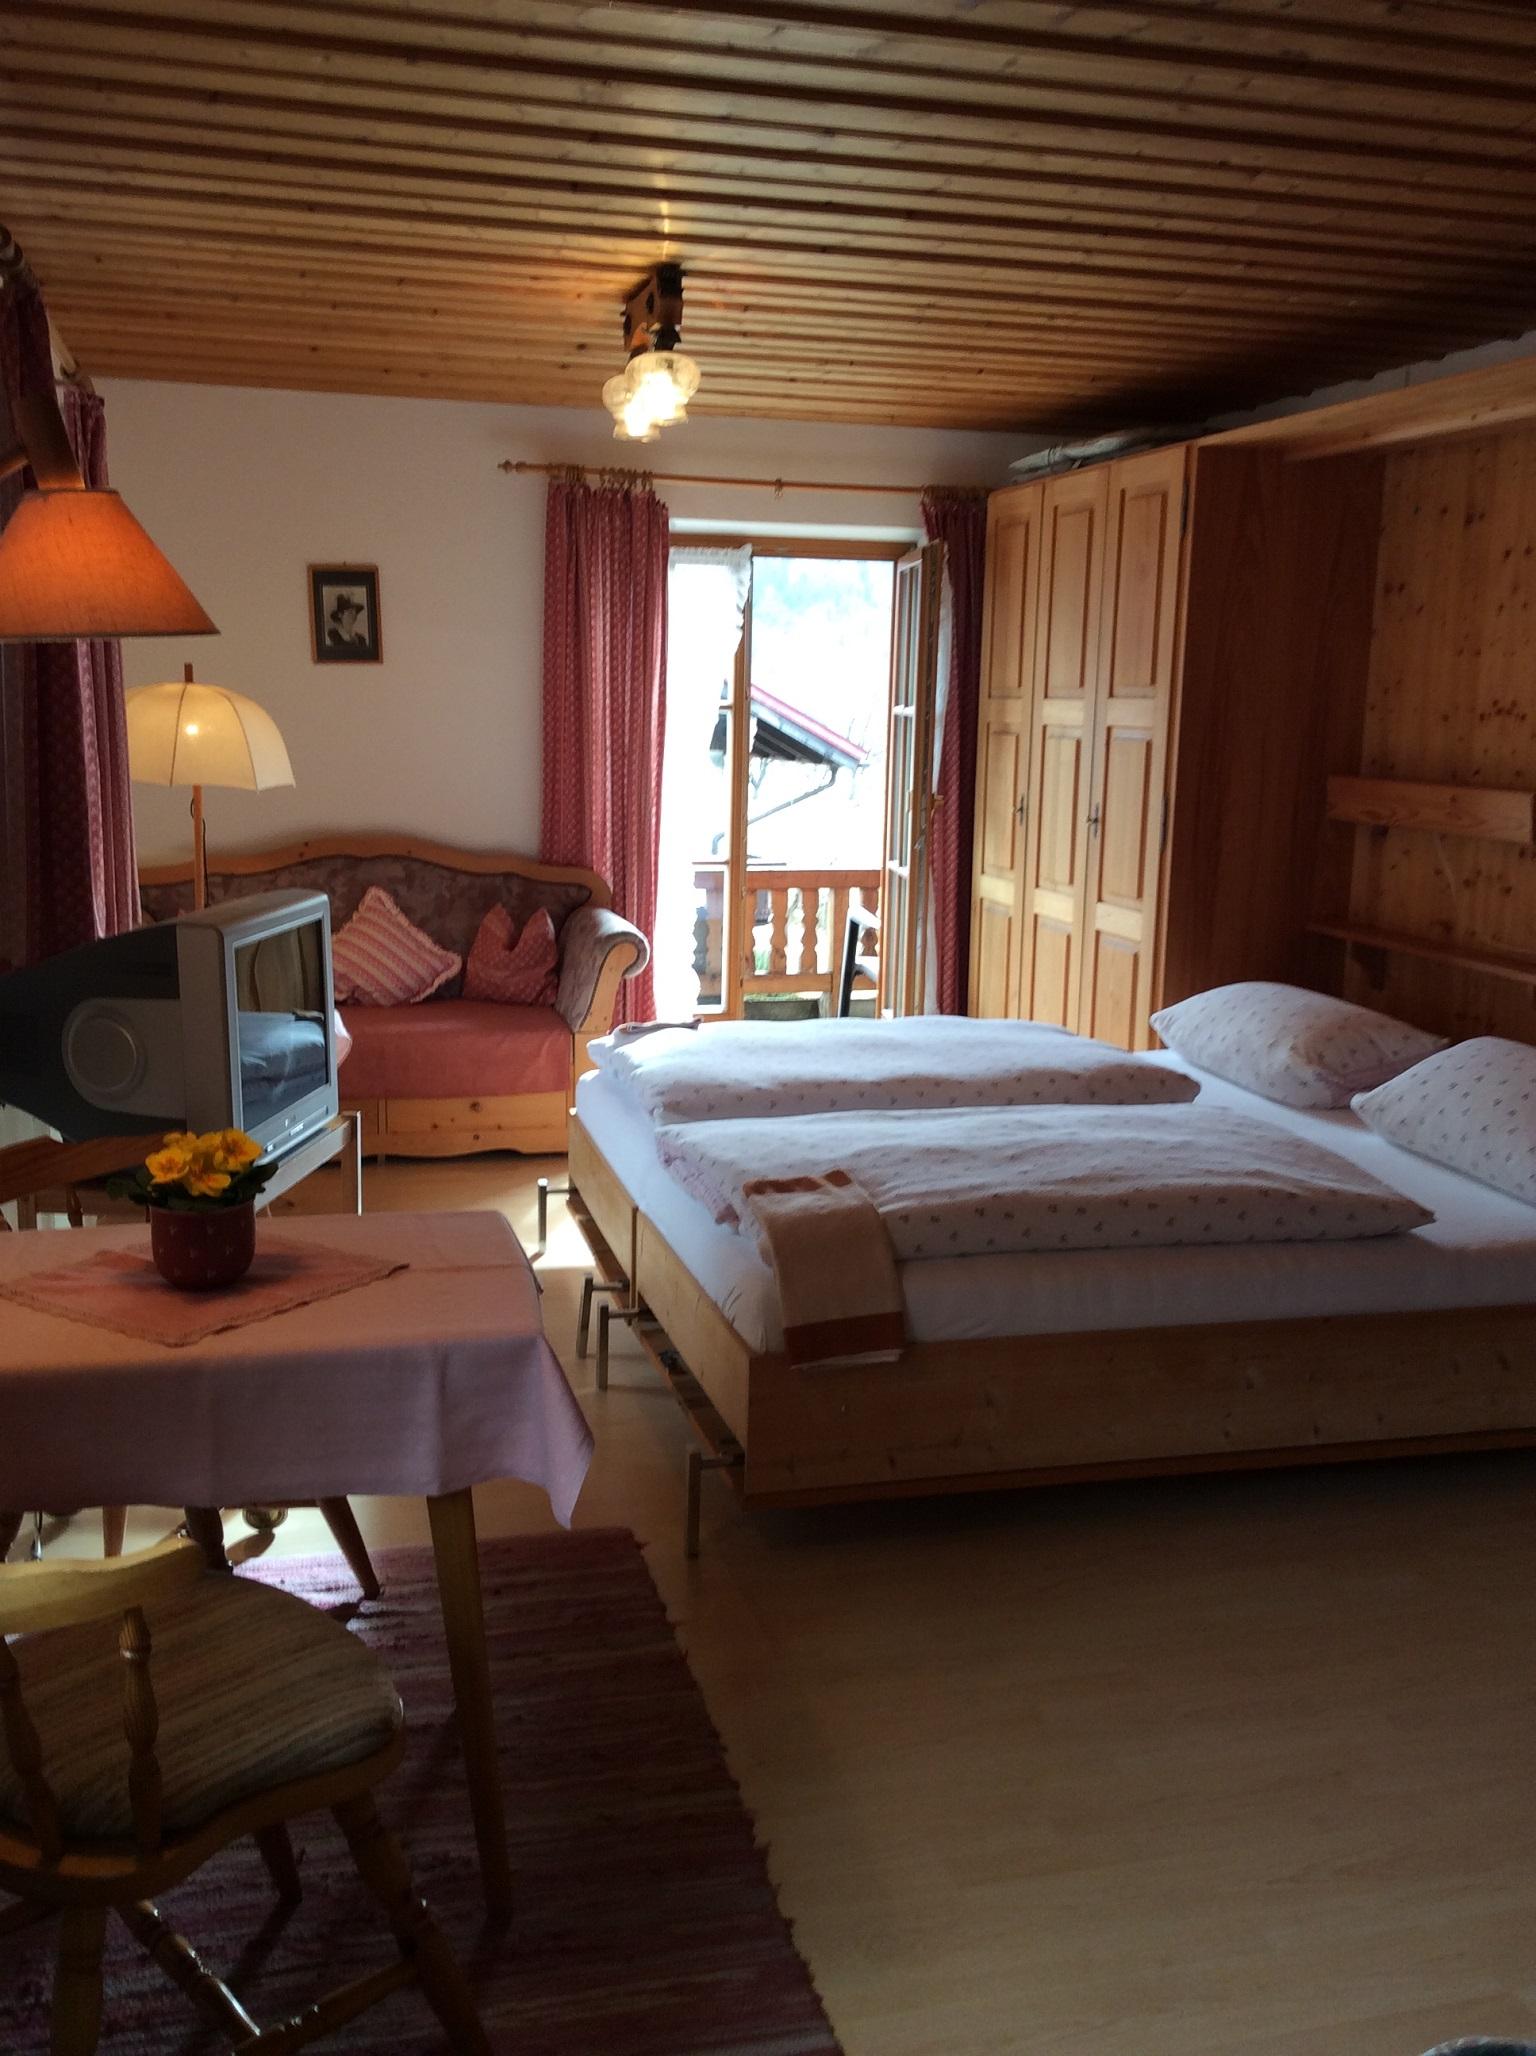 Ferienwohnung Gästehaus Hächer (DE Schleching). Ferienwohnung Nr. 1 bis 2 Pers., 32 qm Studio Achental (711548), Schleching, Chiemgau, Bayern, Deutschland, Bild 7